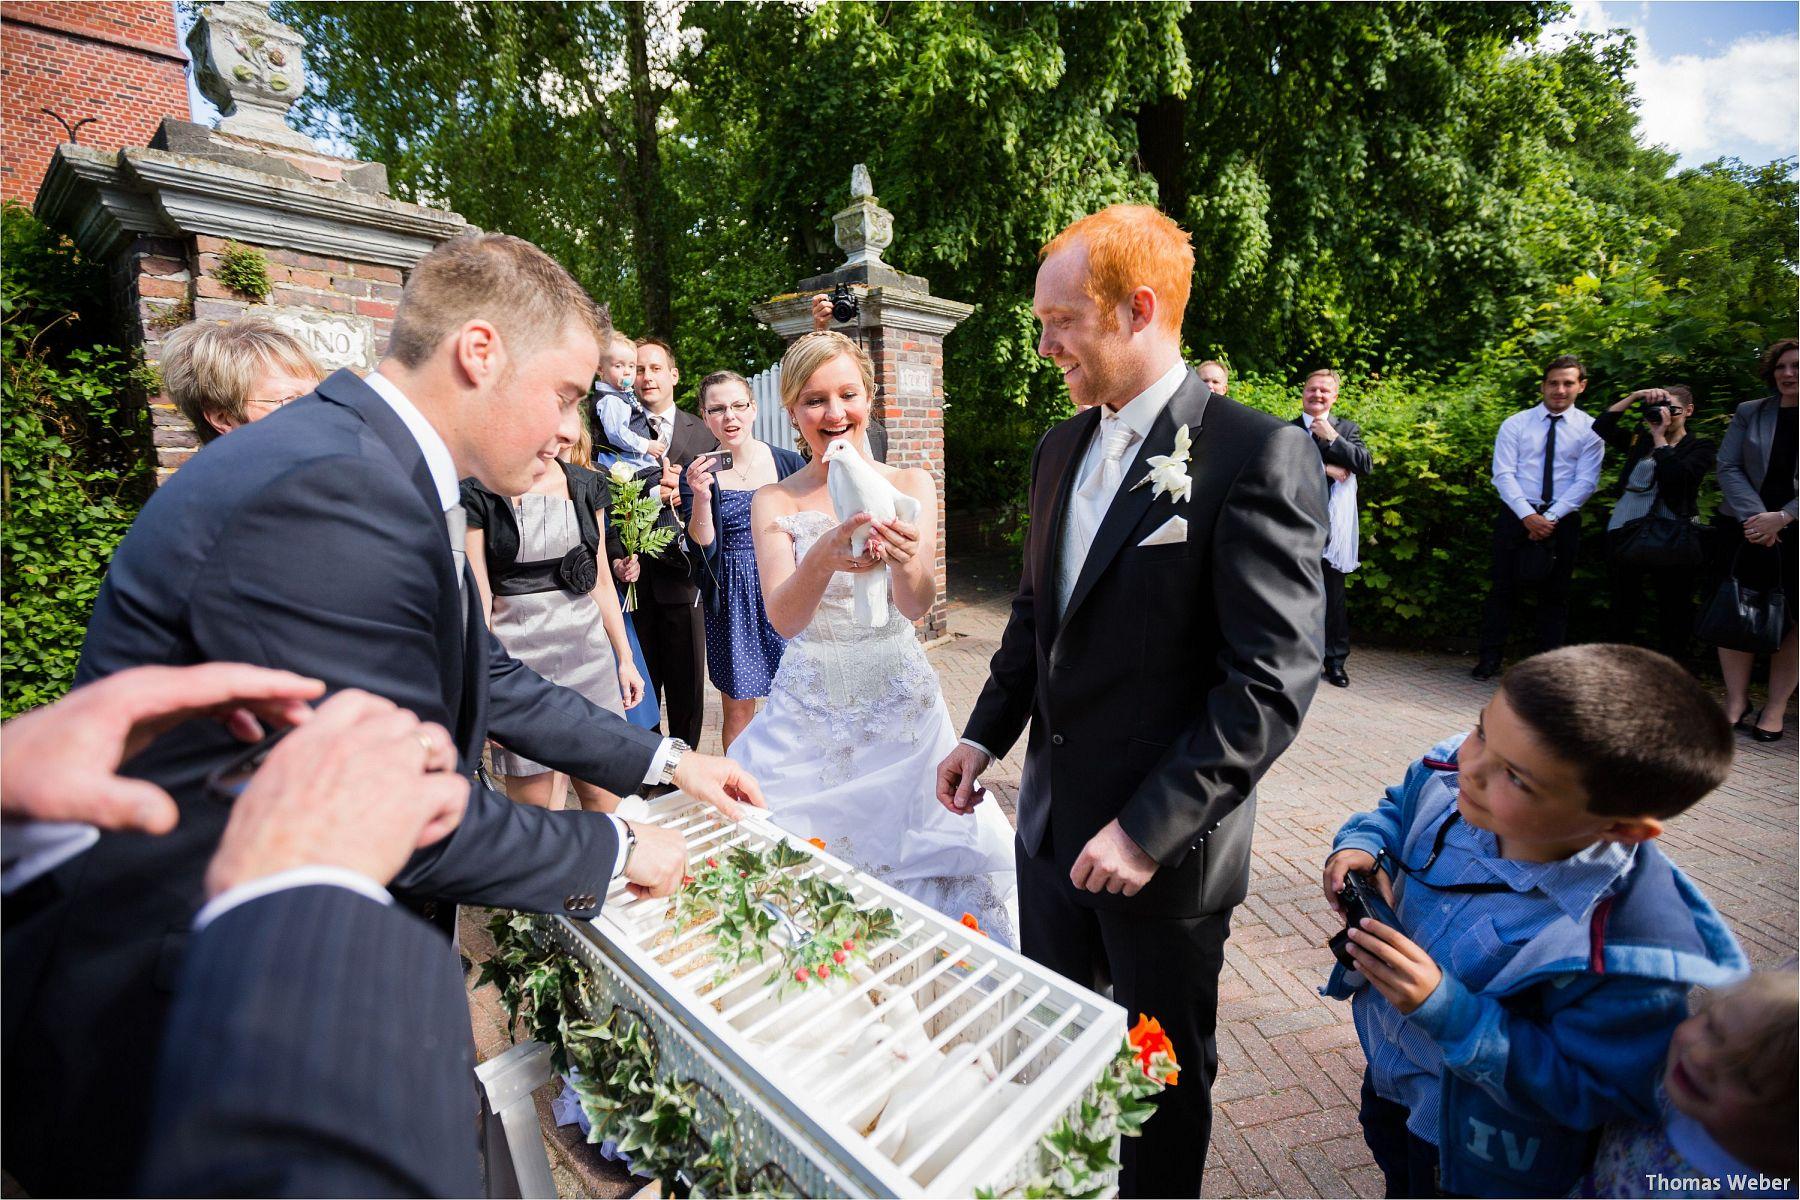 Hochzeitsfotograf Papenburg: Standesamtliche Trauung auf der Burg Kniphausen und Feier im Le Patron am Meer (52)